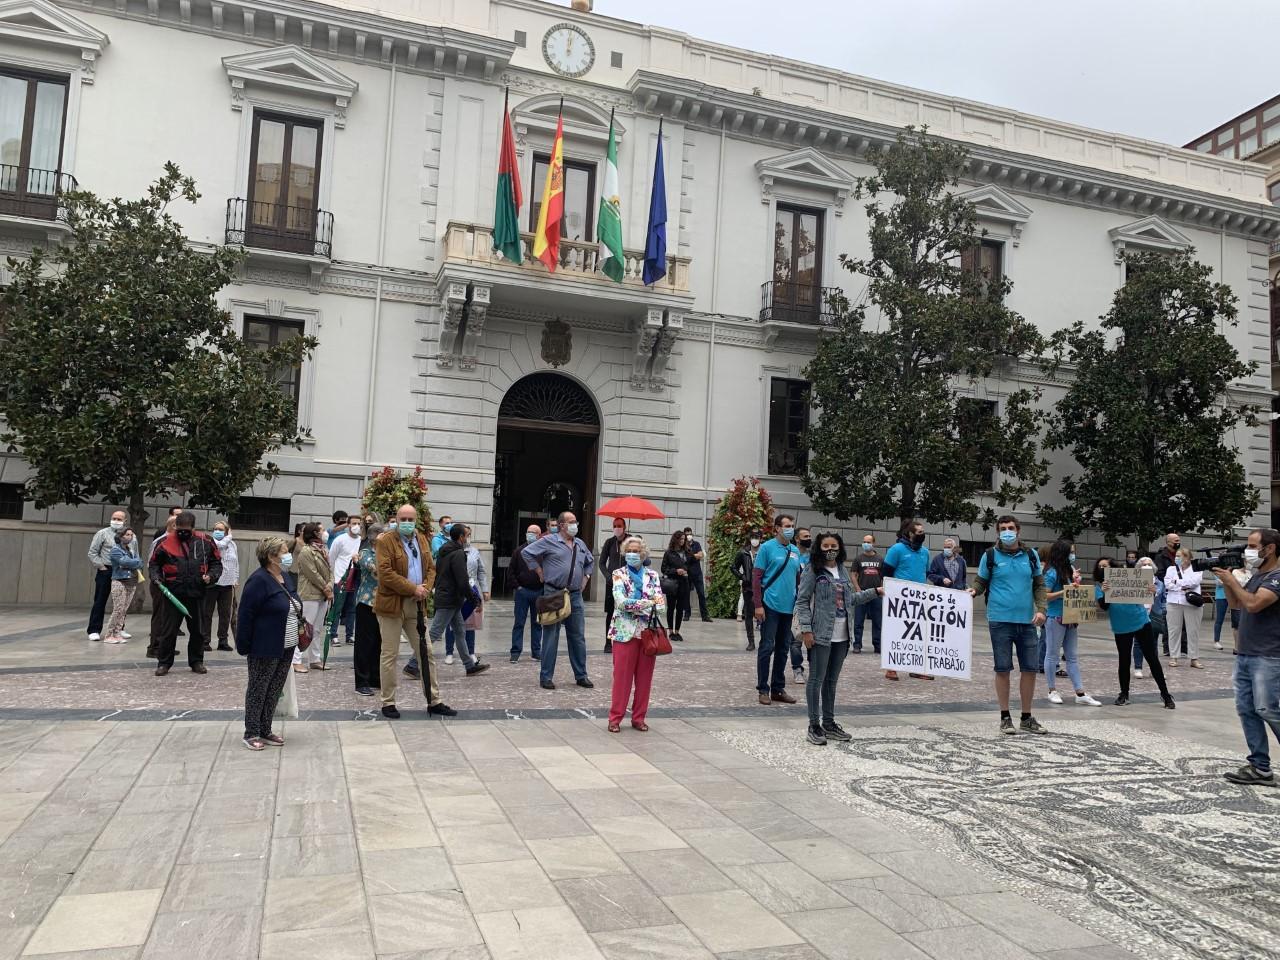 El PSOE muestra su apoyo a los usuarios de las piscinas municipales en su petición de apertura